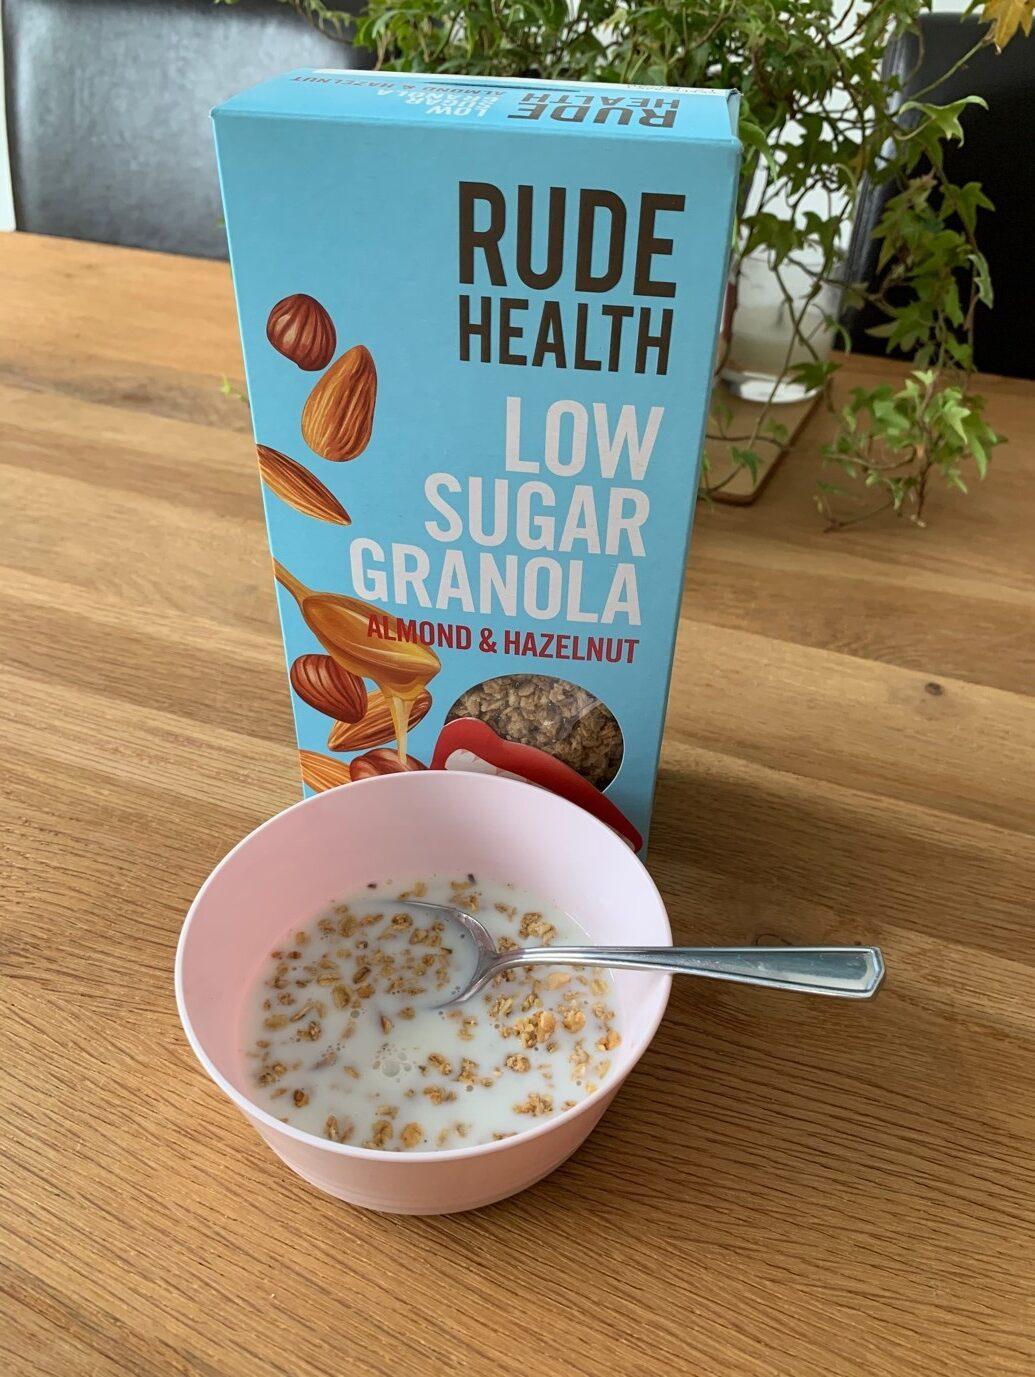 Rude Health Low Sugar Granola